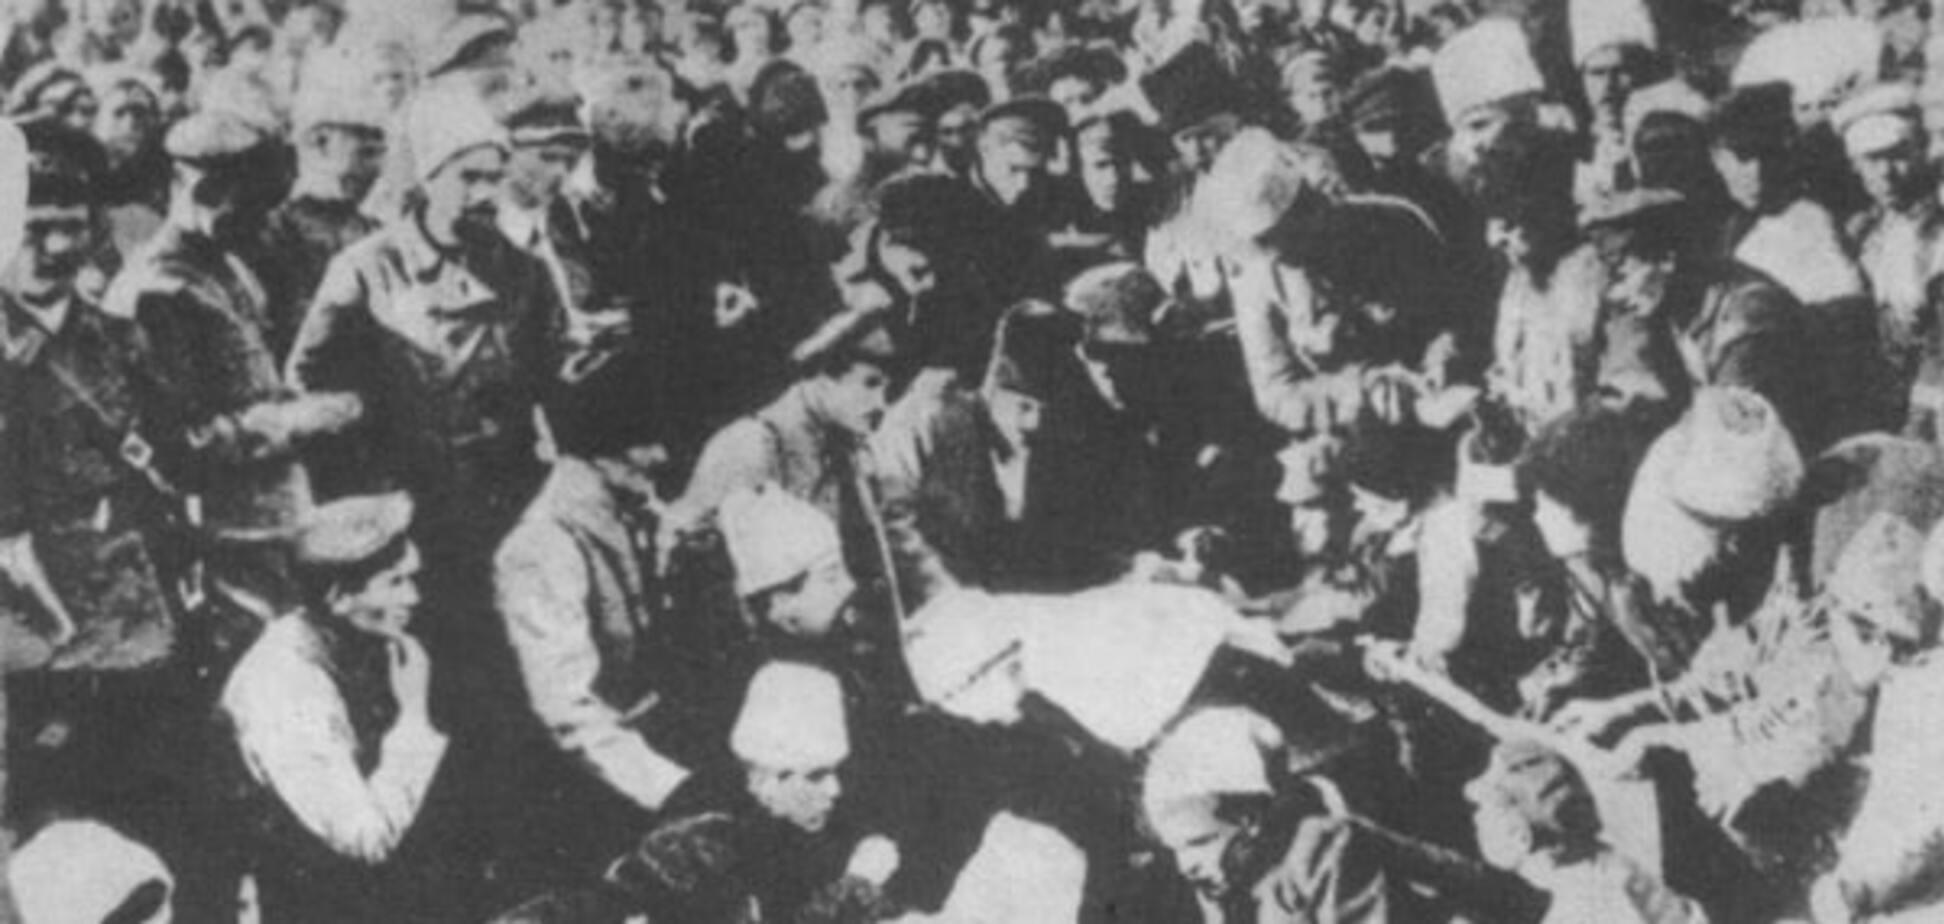 Луганські повстанці проти комуни, 1921 рік. Отаман Каменюка